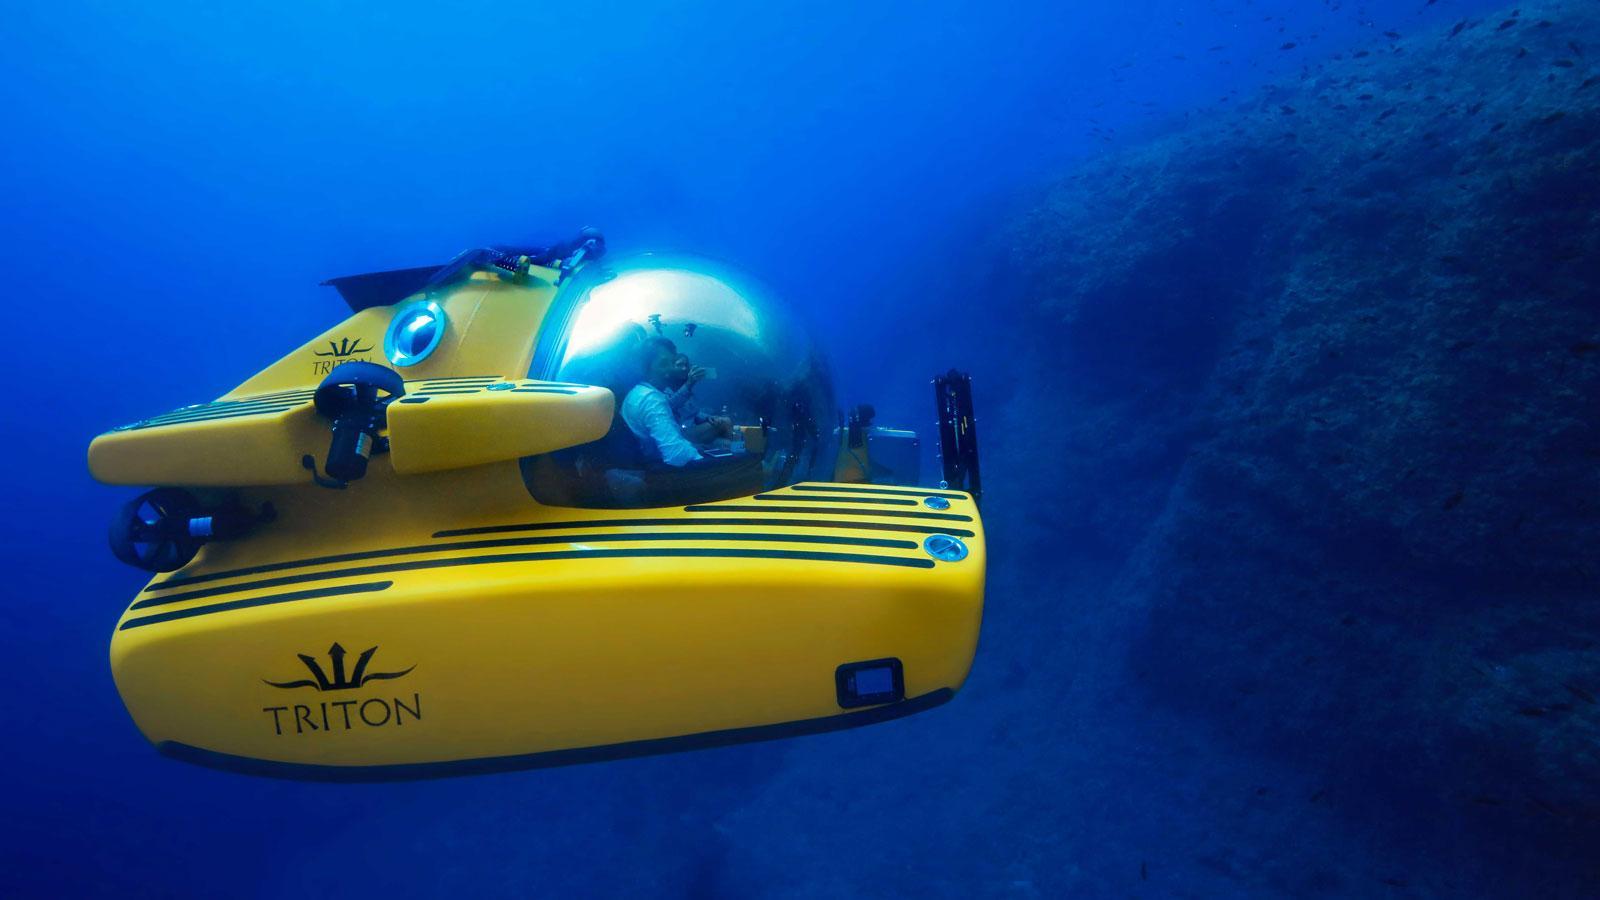 Ein Bild, das gelb, blau, Meeresgrund enthält.  Automatisch generierte Beschreibung